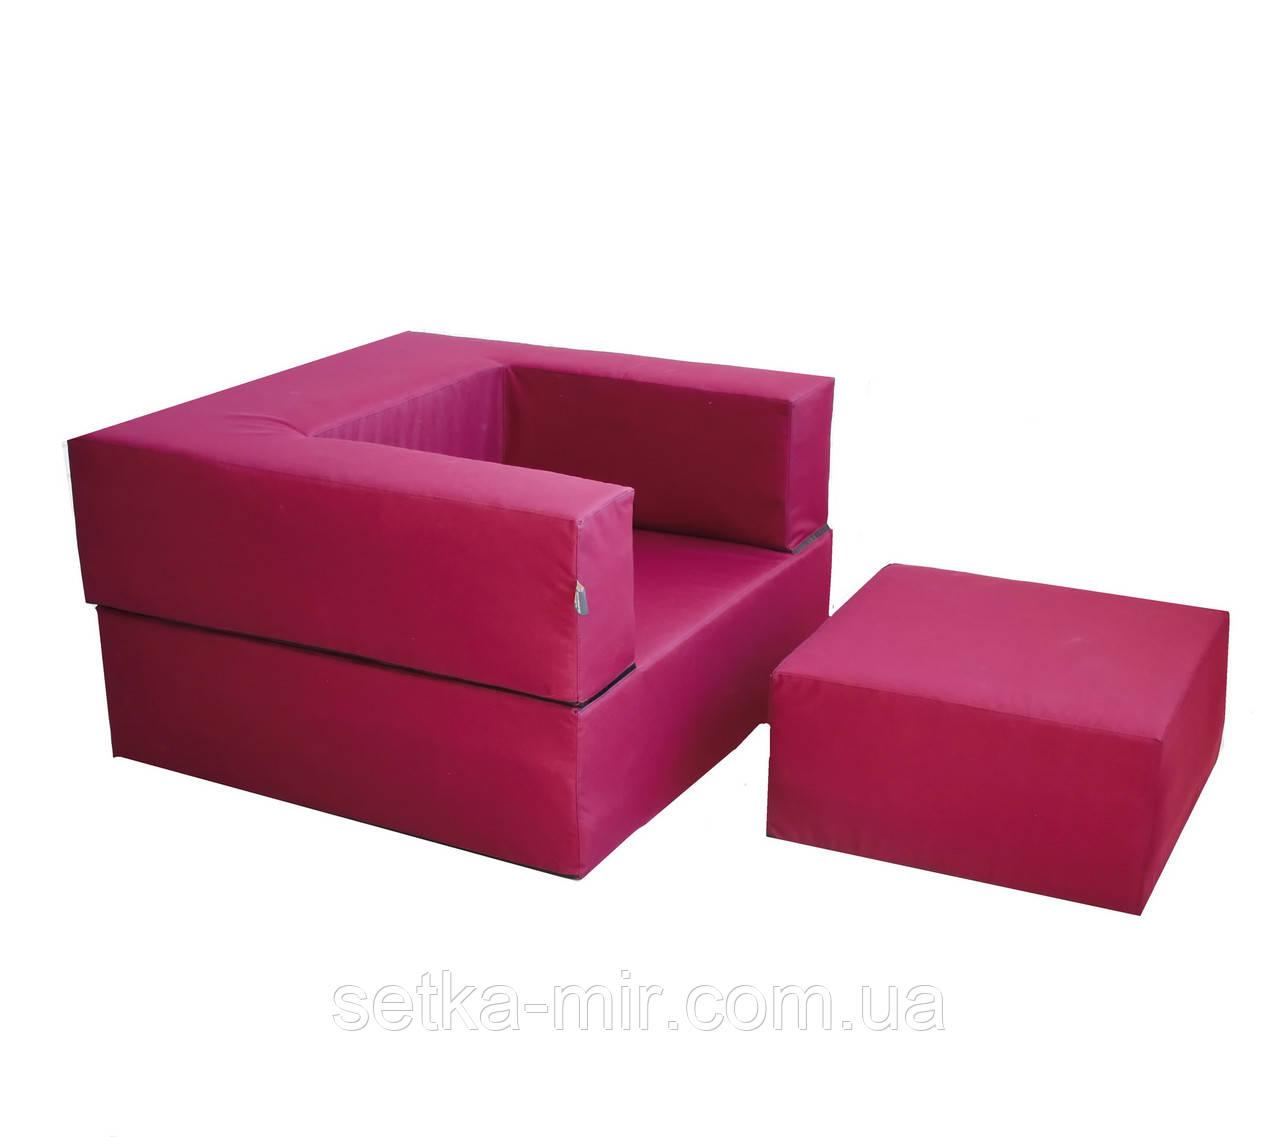 Комплект меблів Zipli (крісло і пуф)